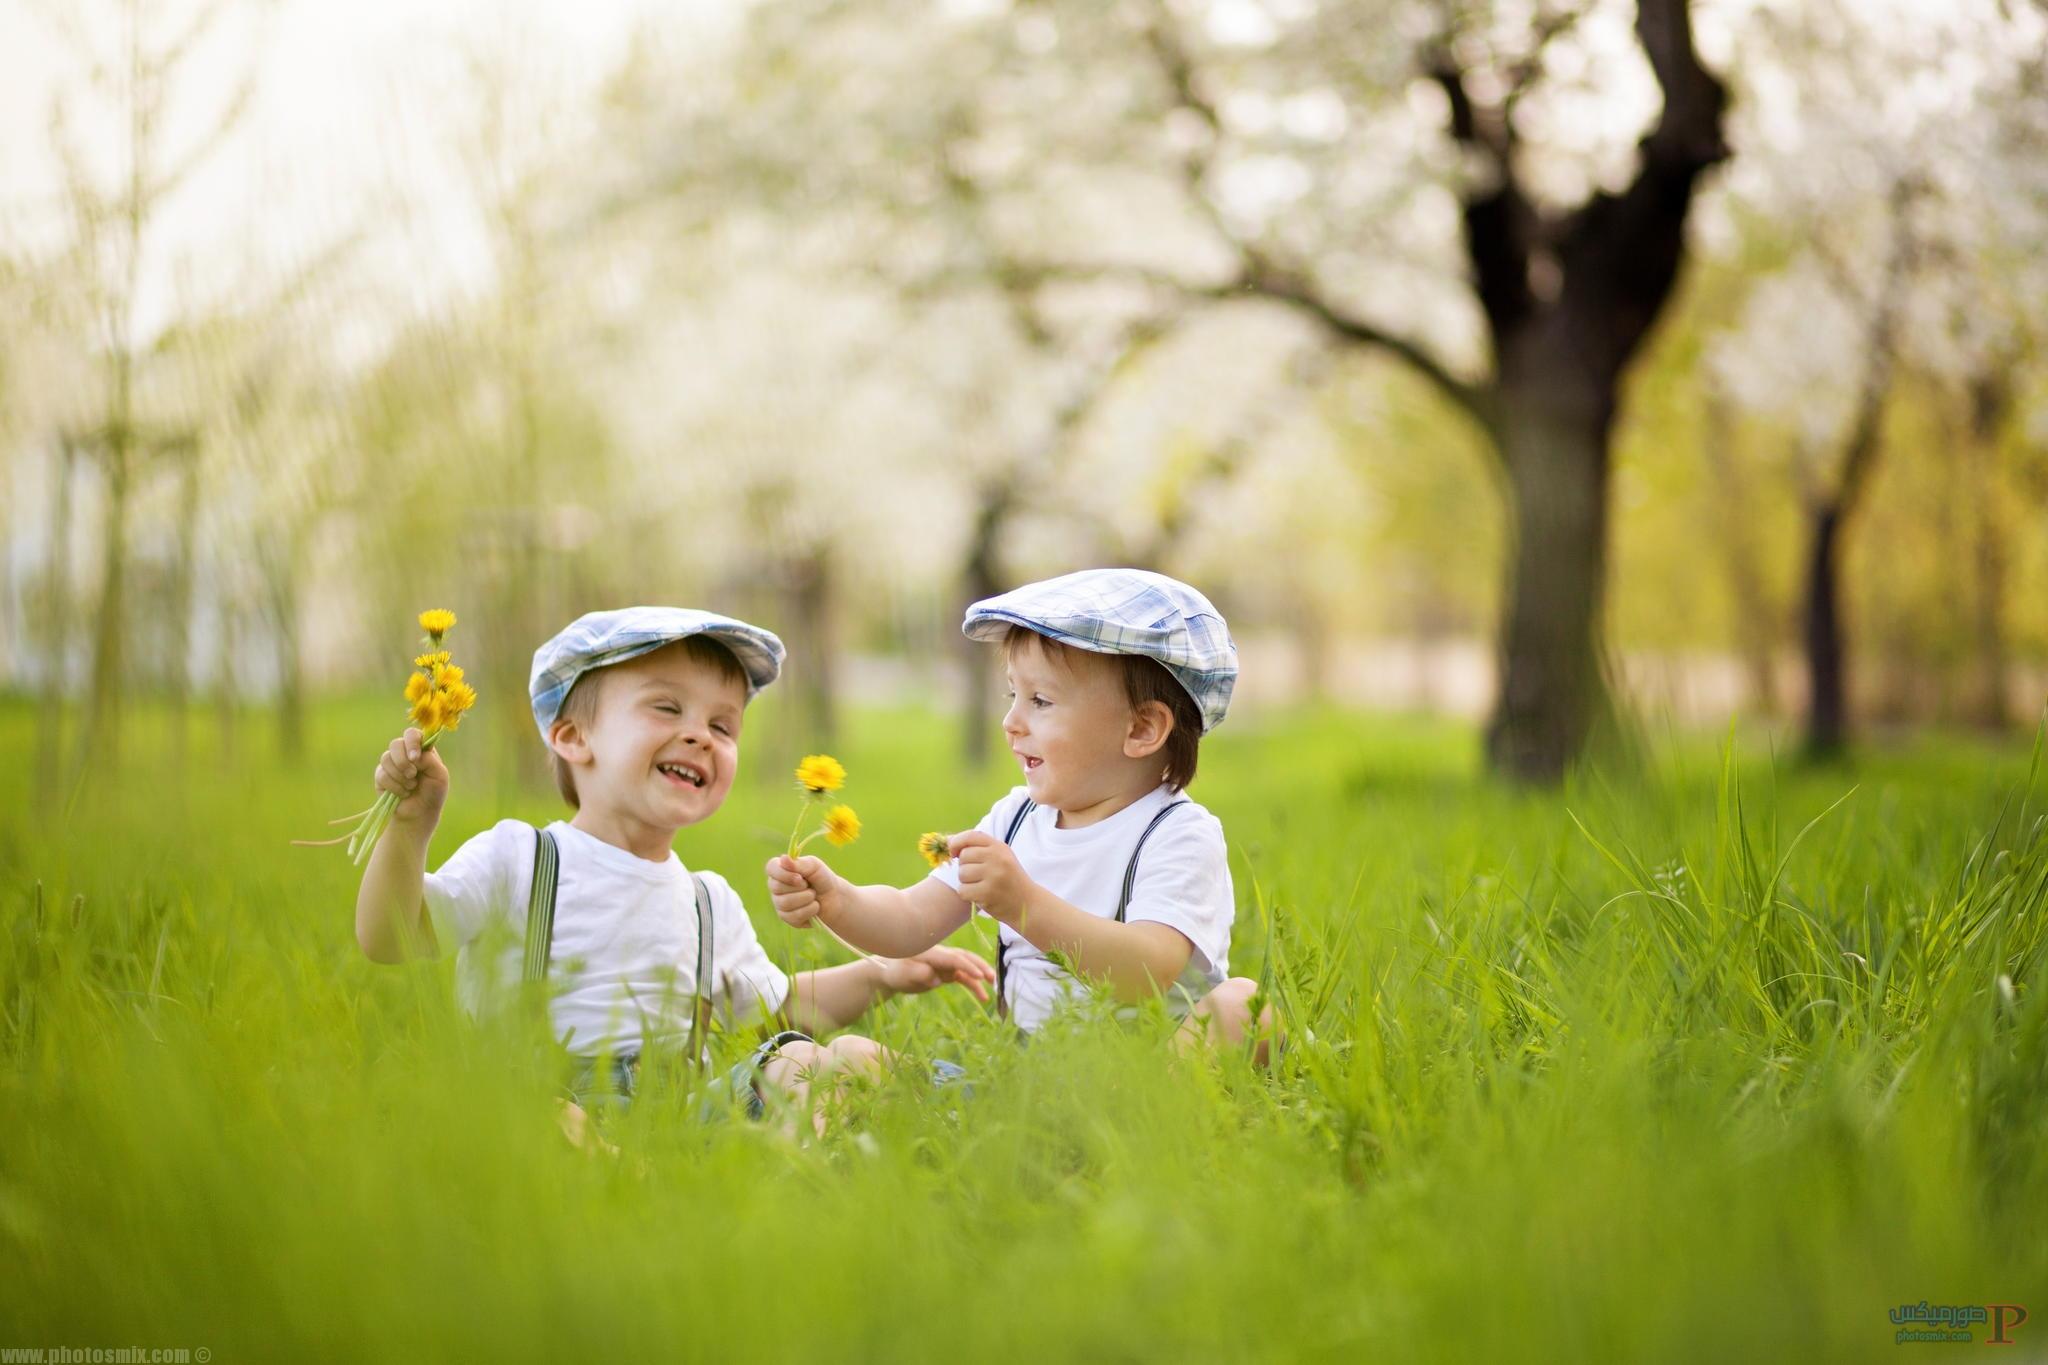 -اطفال-يلعبون-5 صور اطفال, تحميل اكثر من 100 صور اطفال جميلة, صور اطفال روعة 2018